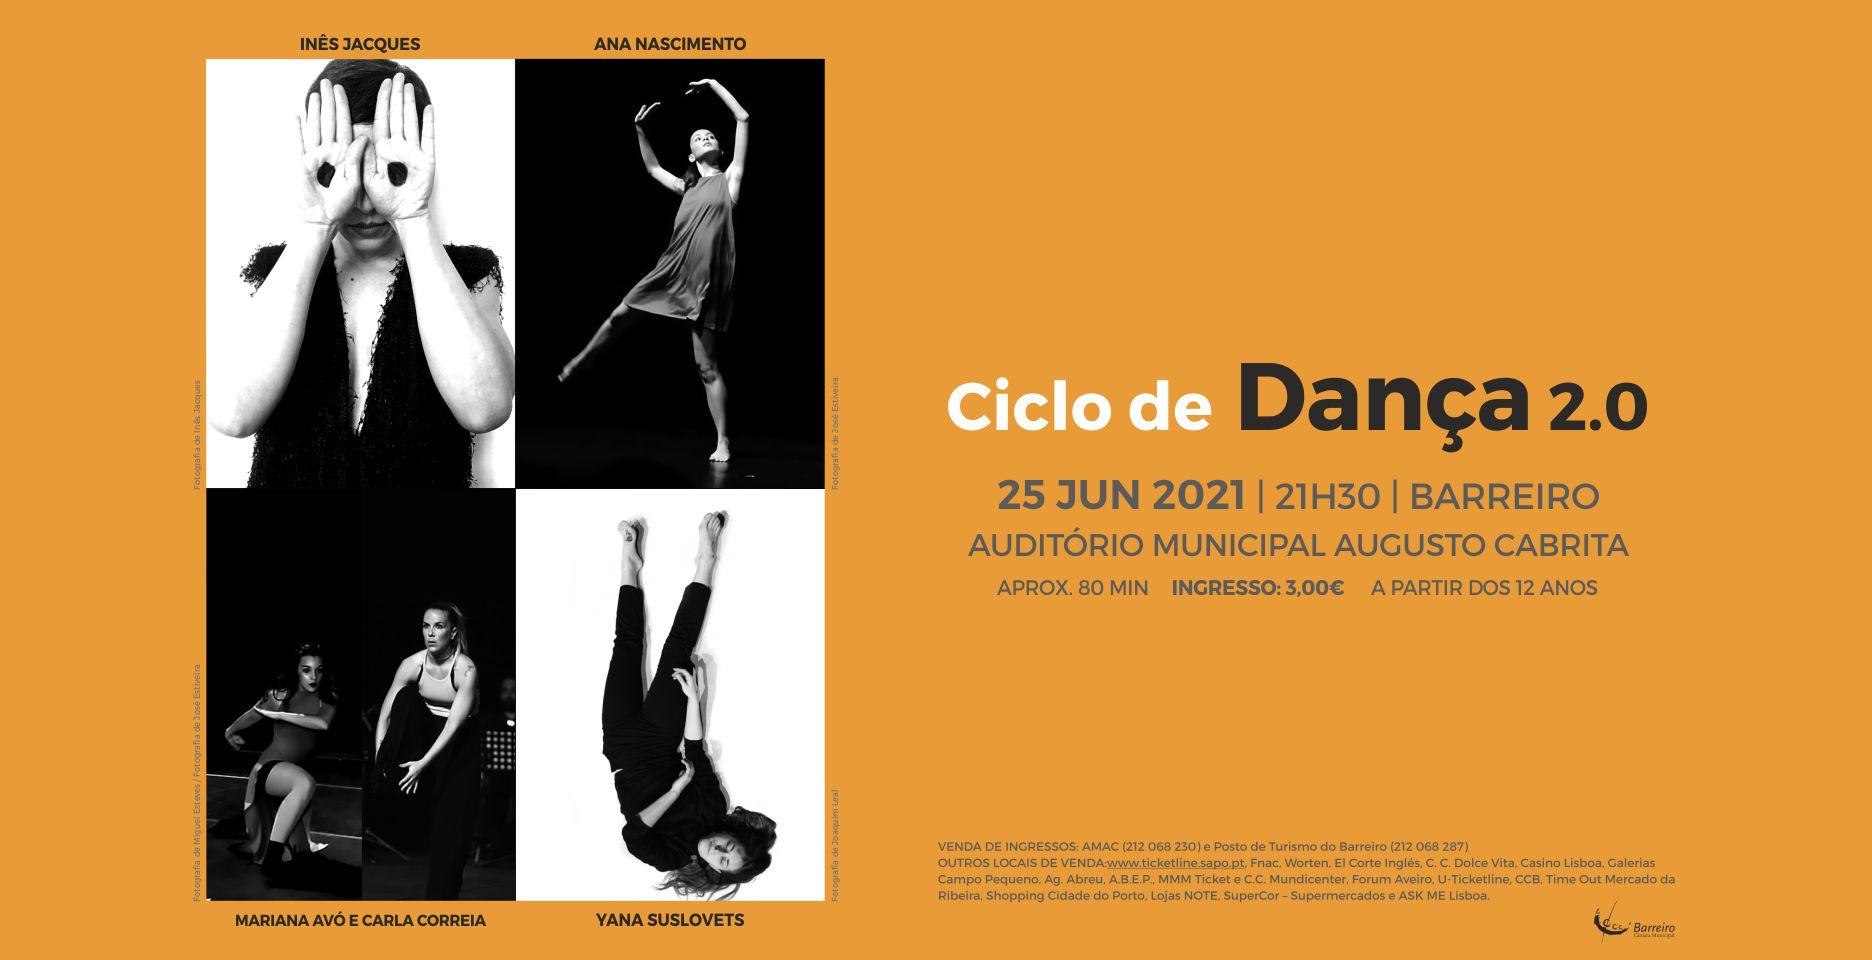 Ciclo de Dança 2.0